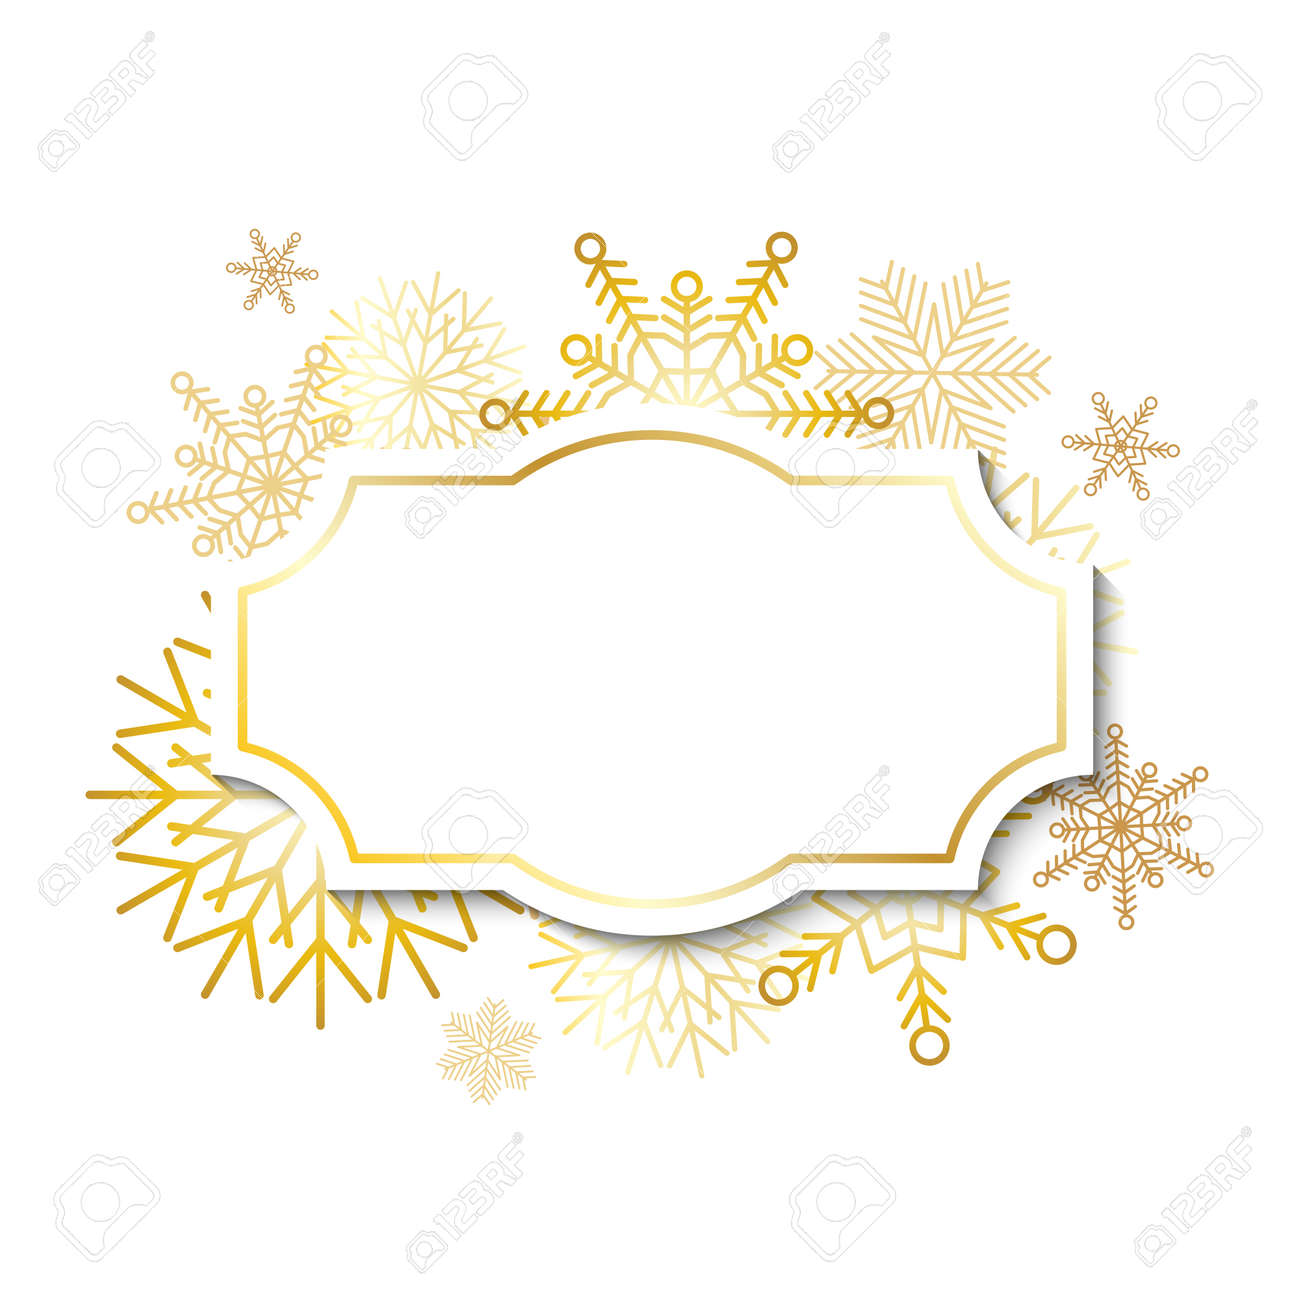 Winter Modèle Détiquette Vintage Avec Cadre Or Sur Des Flocons De Neige Dor Fond